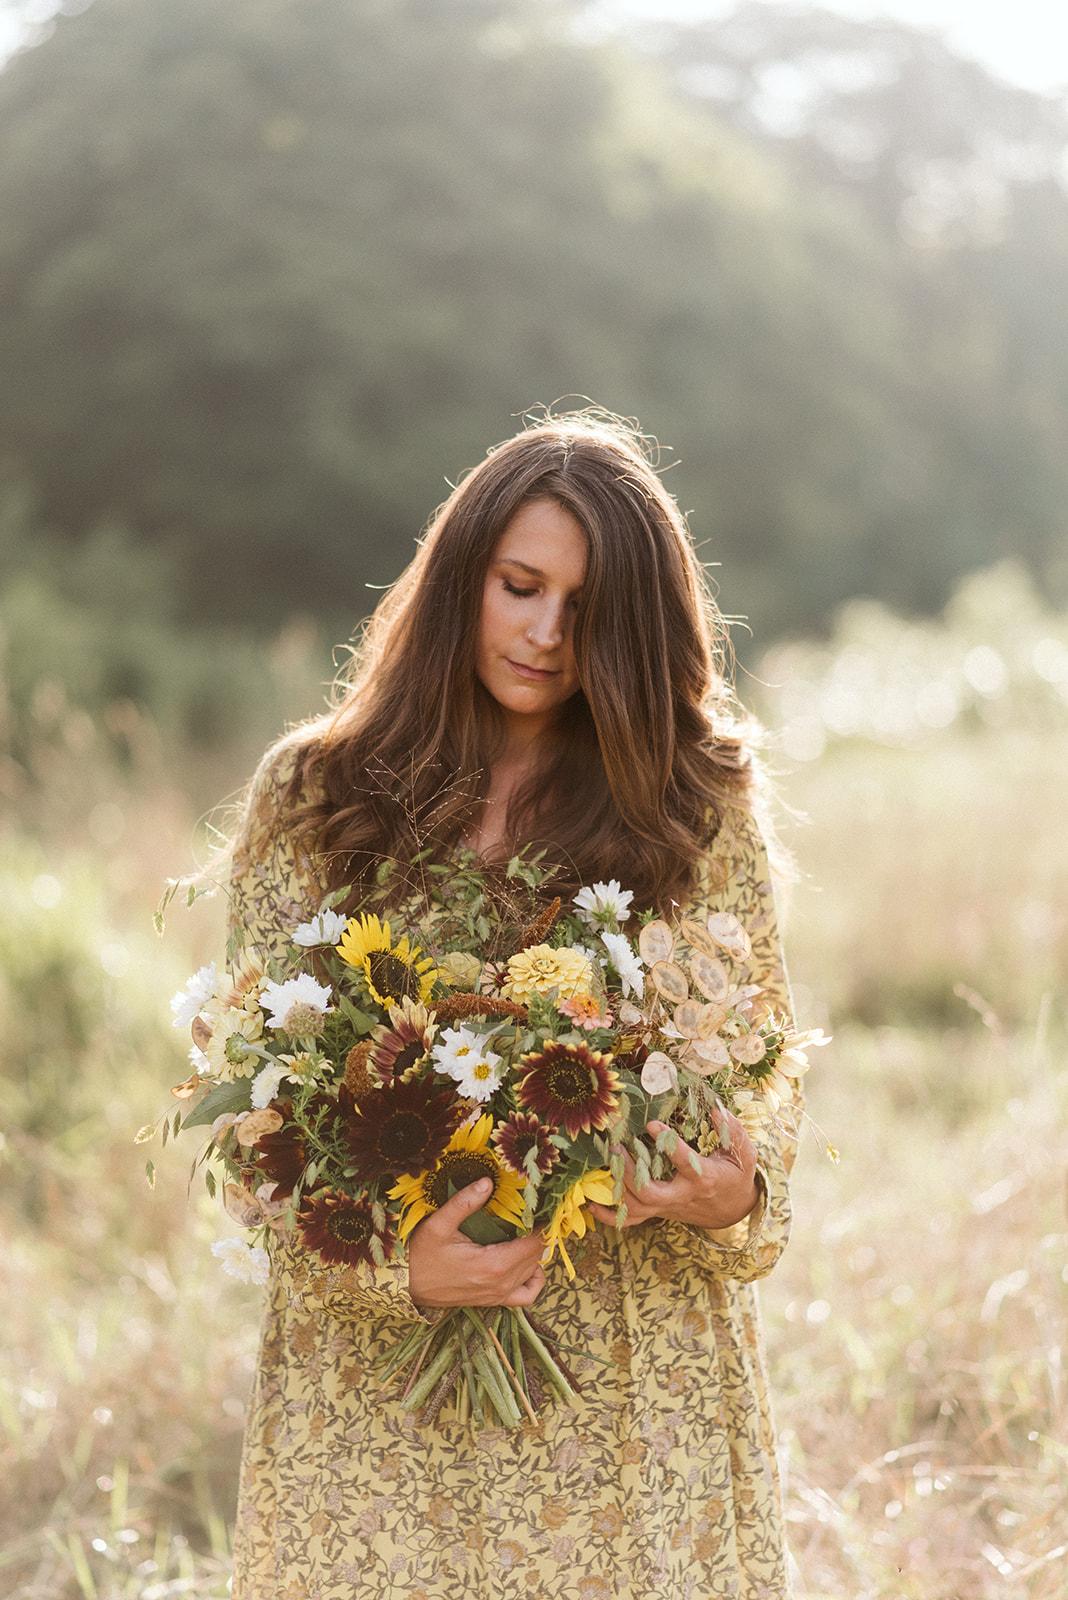 Hemlock_Hellebore_Sunflowers-33.jpg